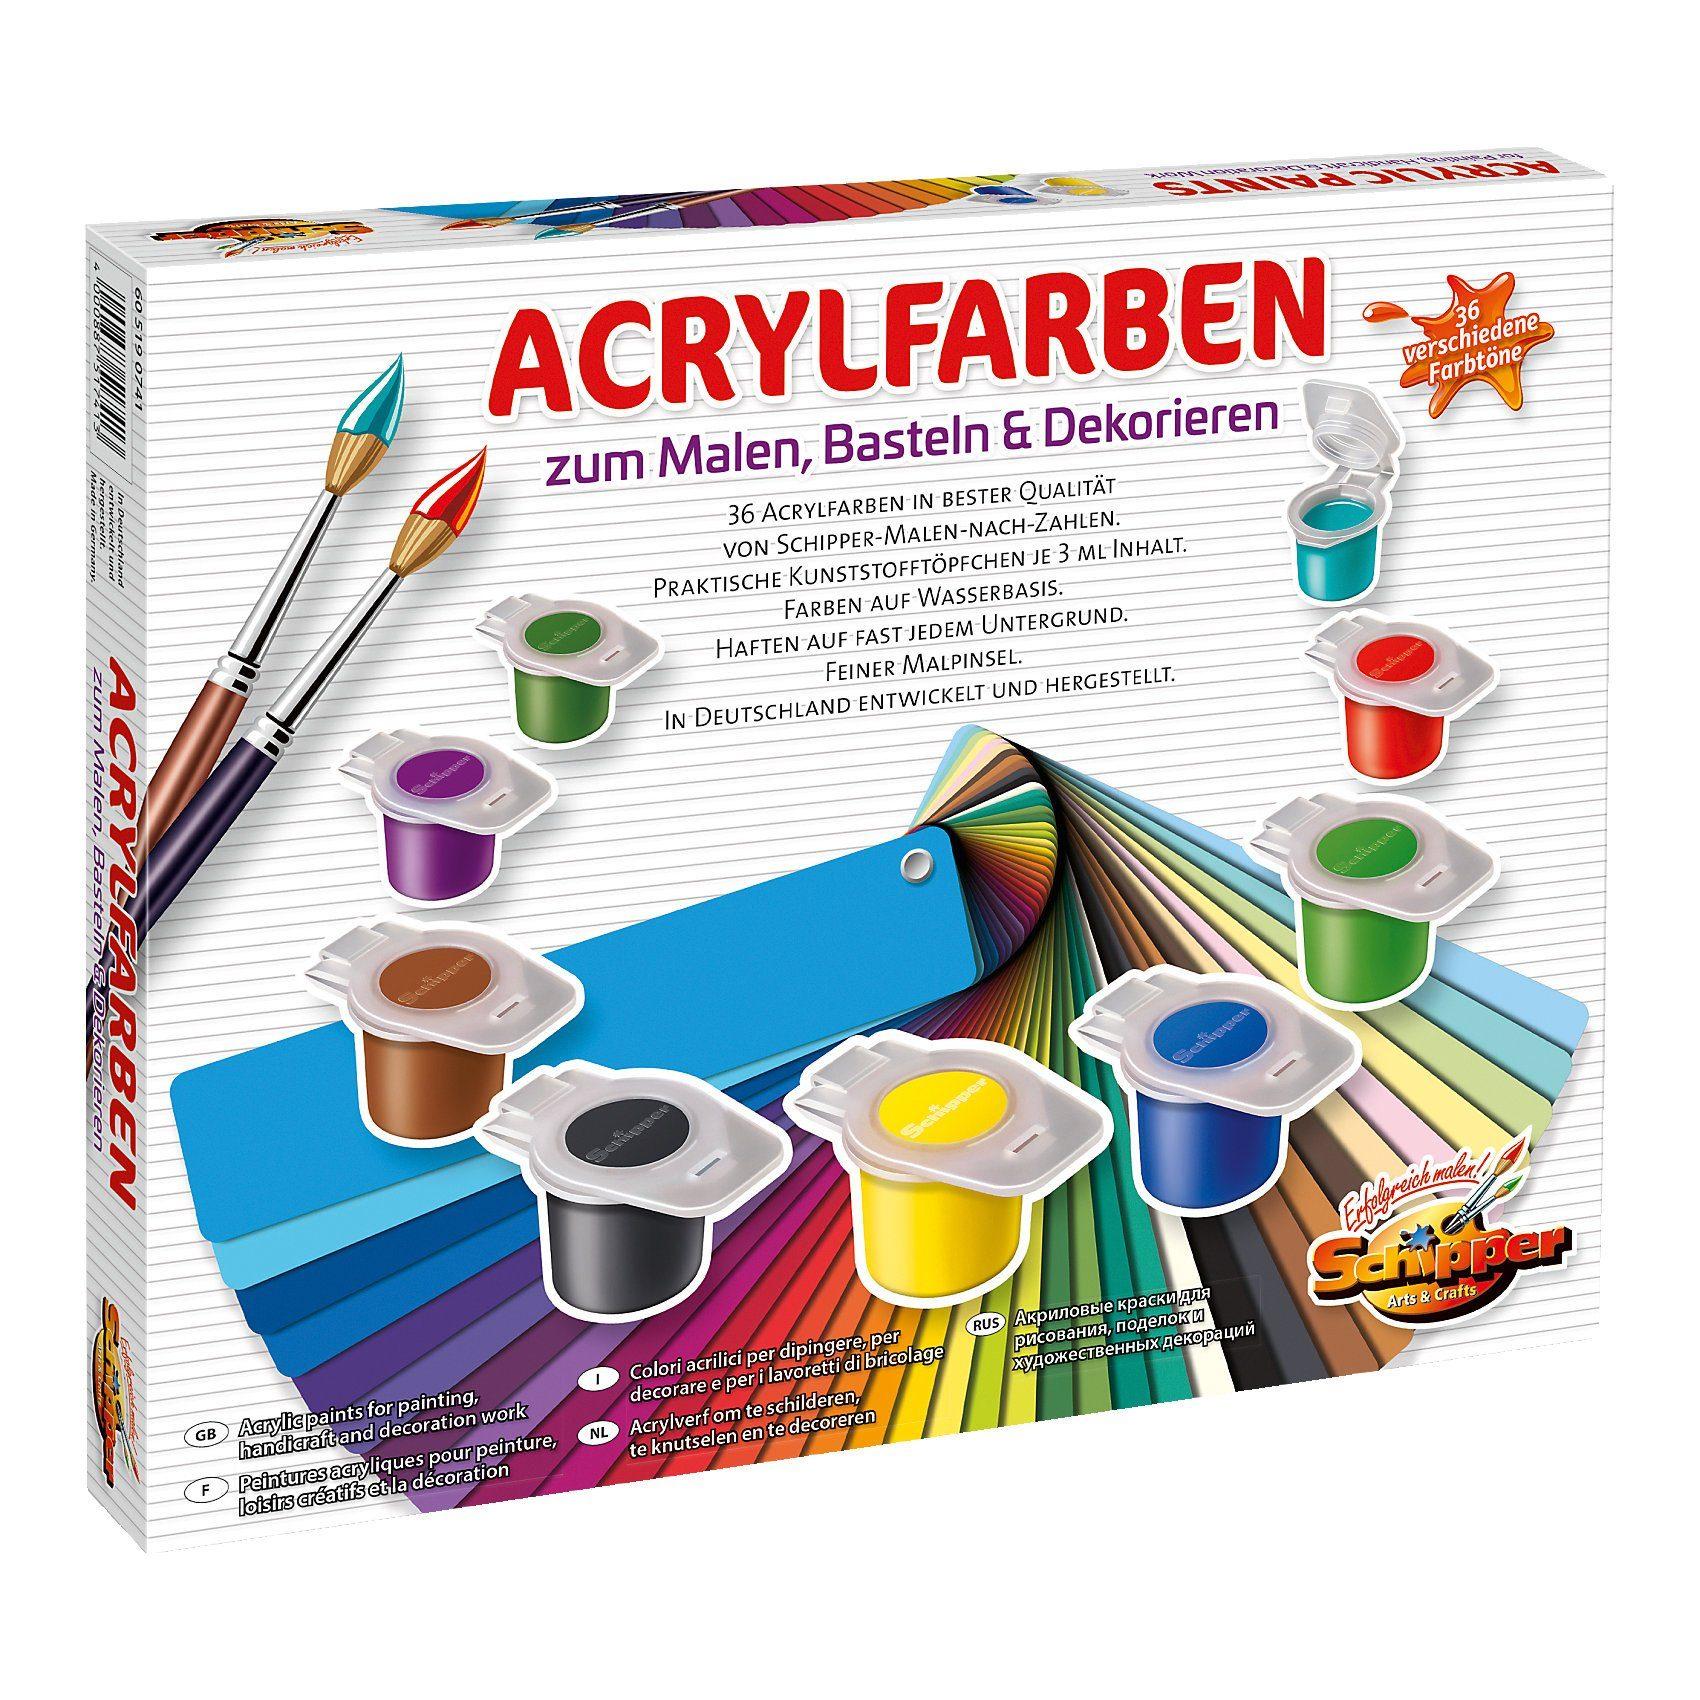 Schipper Set Acrylfarben, 36 versch. Farben